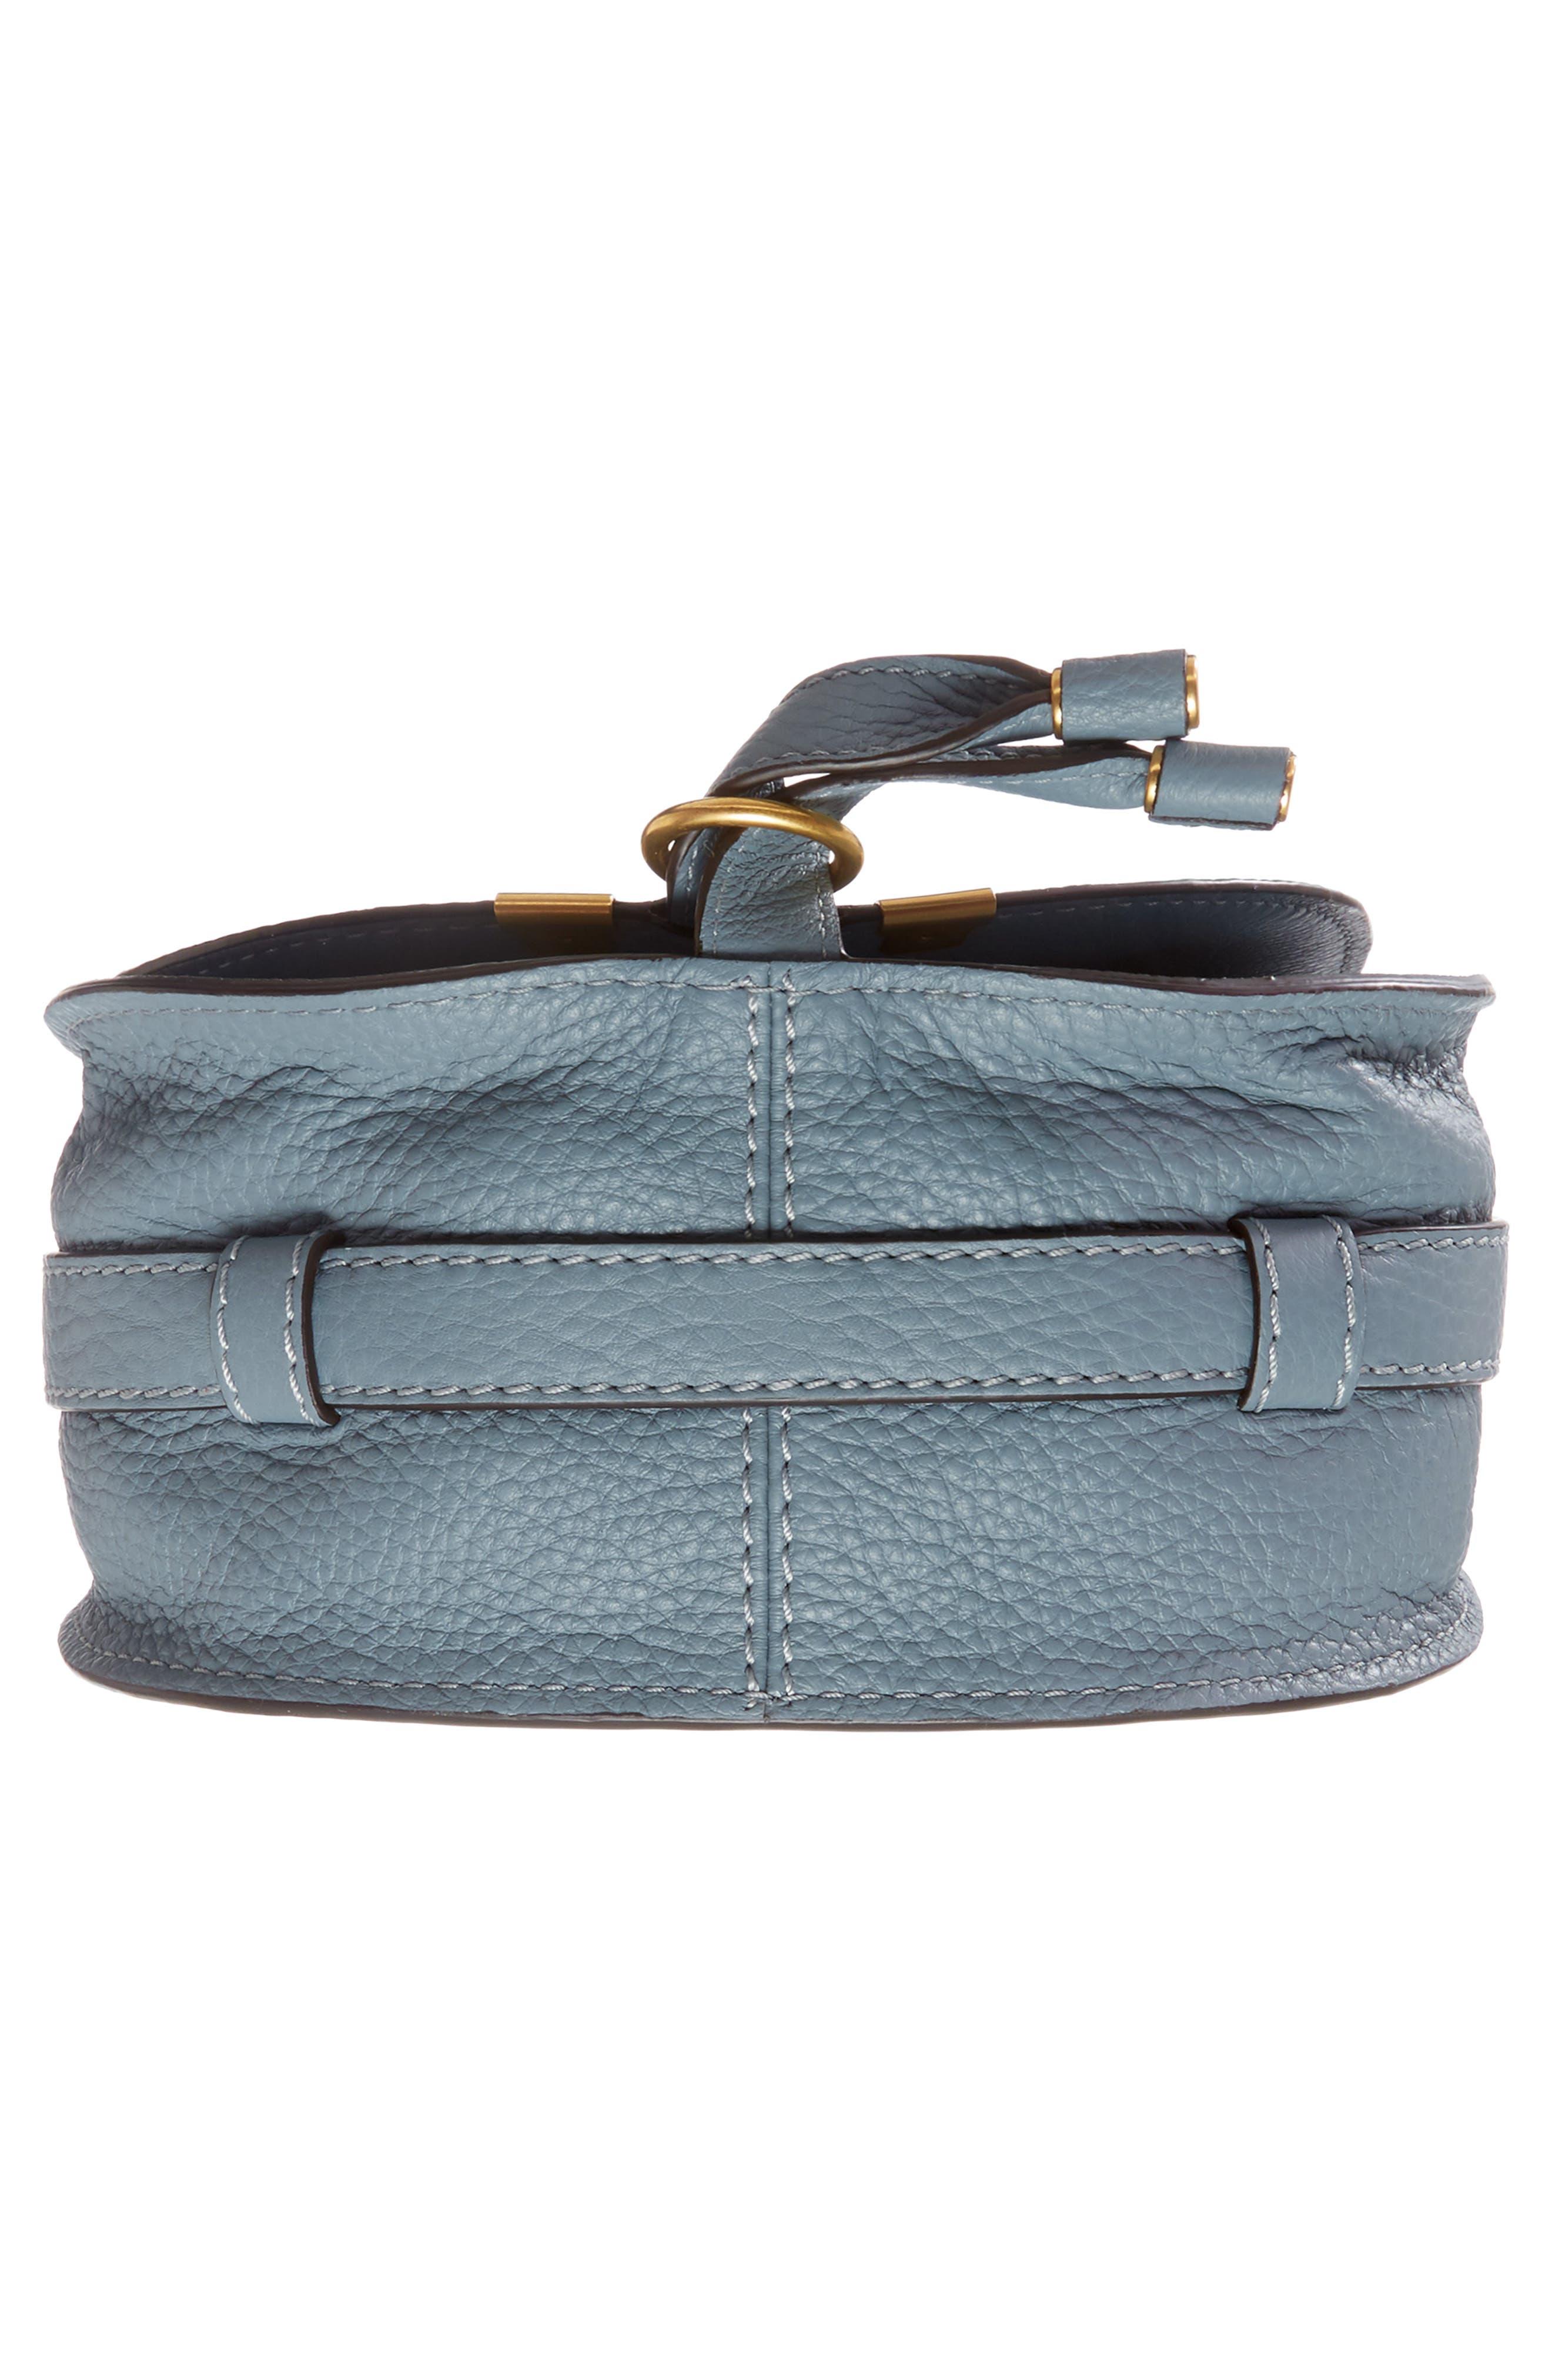 CHLOÉ, 'Mini Marcie' Leather Crossbody Bag, Alternate thumbnail 6, color, BFC CLOUDY BLUE